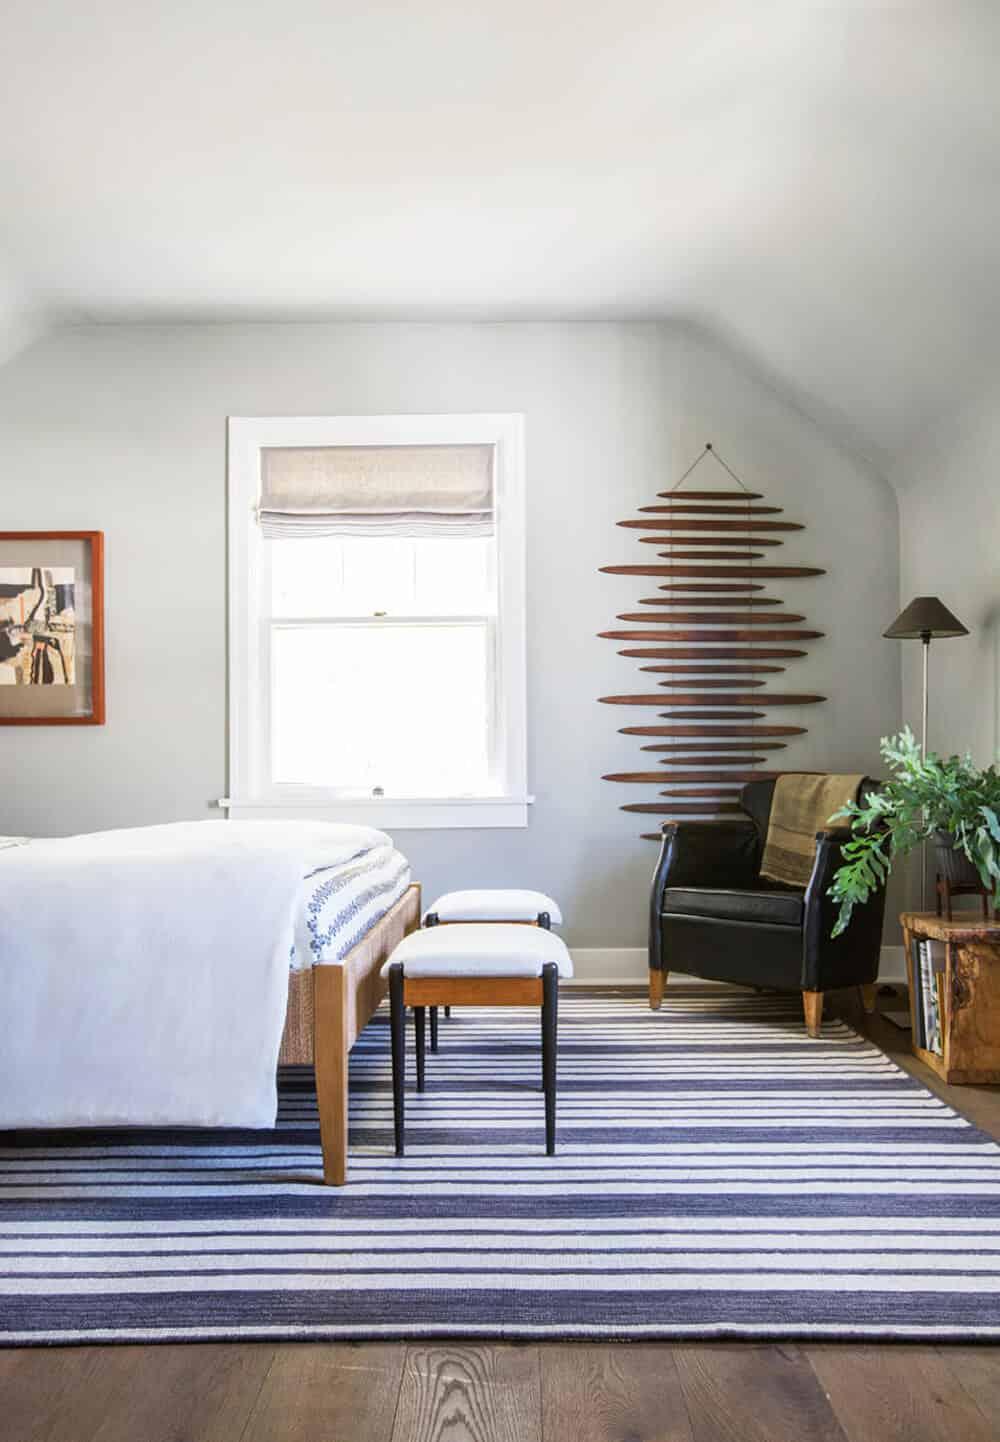 emily-henderson-design-emilys-new-house-where-we-are-headed-5